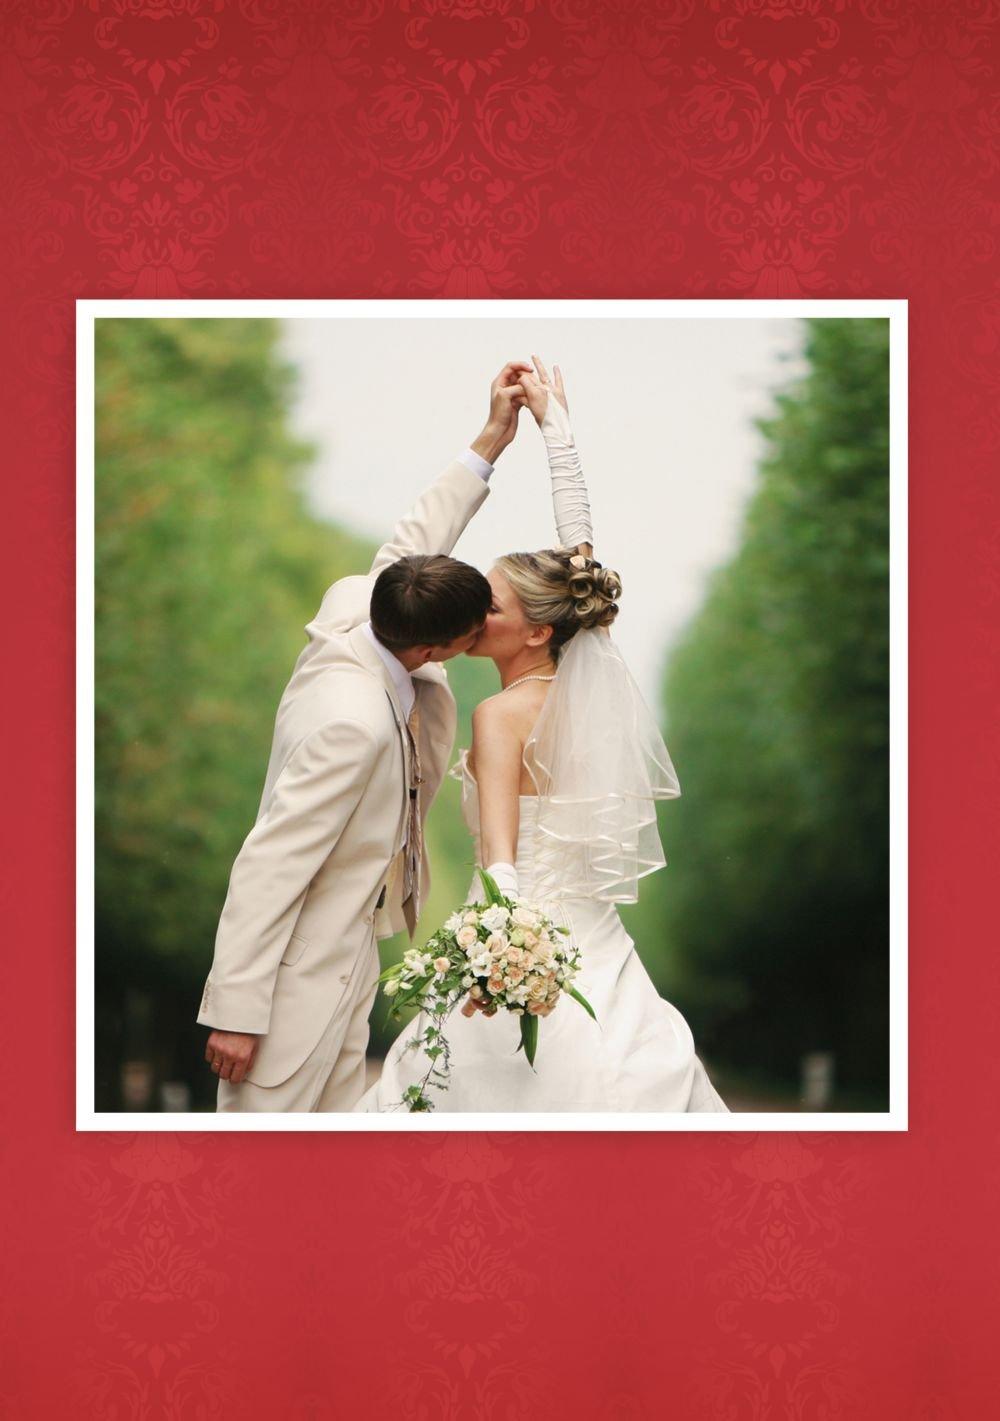 Kartenparadies Danksagung für Hochzeitsgeschenke Hochzeit Danke Eheversprechen, hochwertige Danksagungskarte Danksagungskarte Danksagungskarte Hochzeitsglückwünsche inklusive Umschläge   20 Karten - (Format  105x148 mm) Farbe  Orange B01MR8K15Y | Verpackungsvielfalt   2cfc15